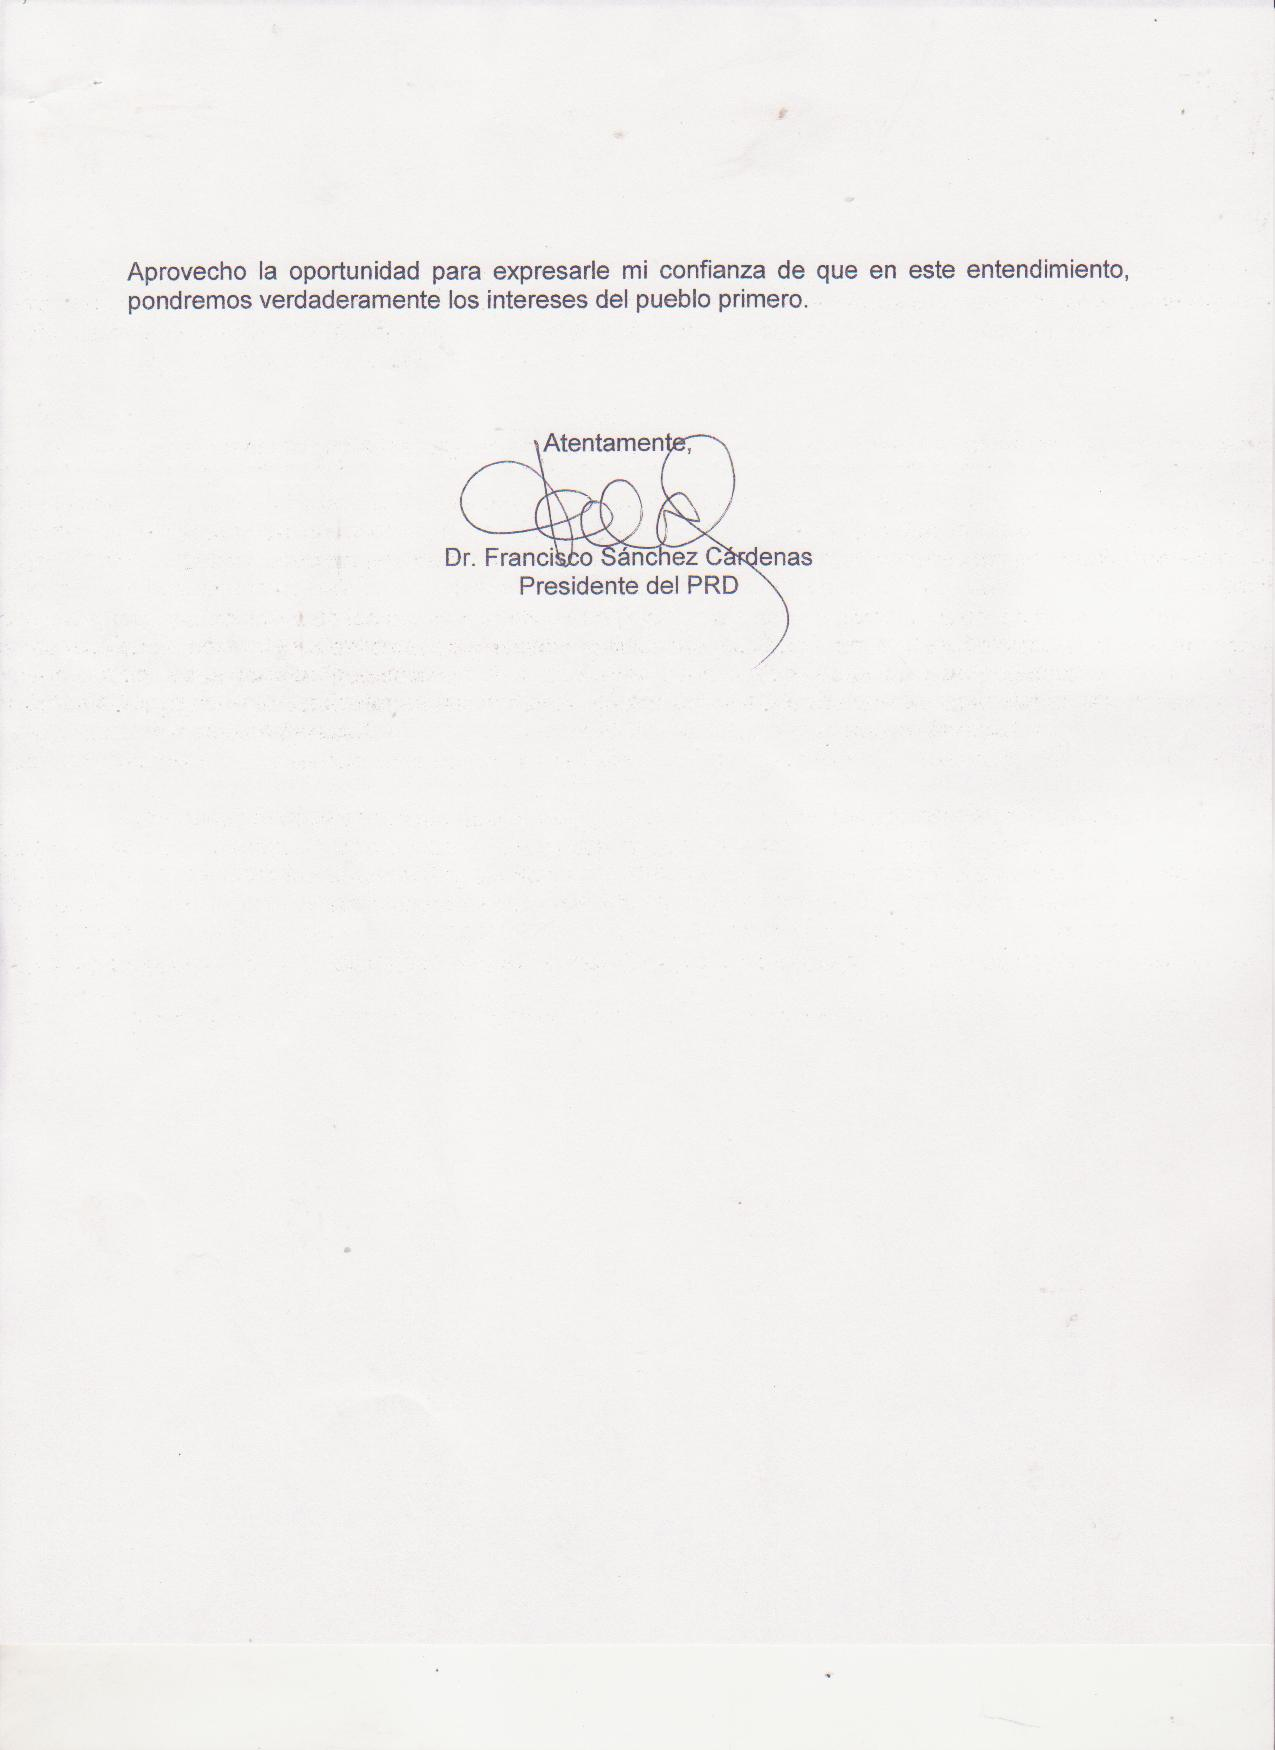 NOTA AL PRESIDENTE RICARDO MARTINELLI 002